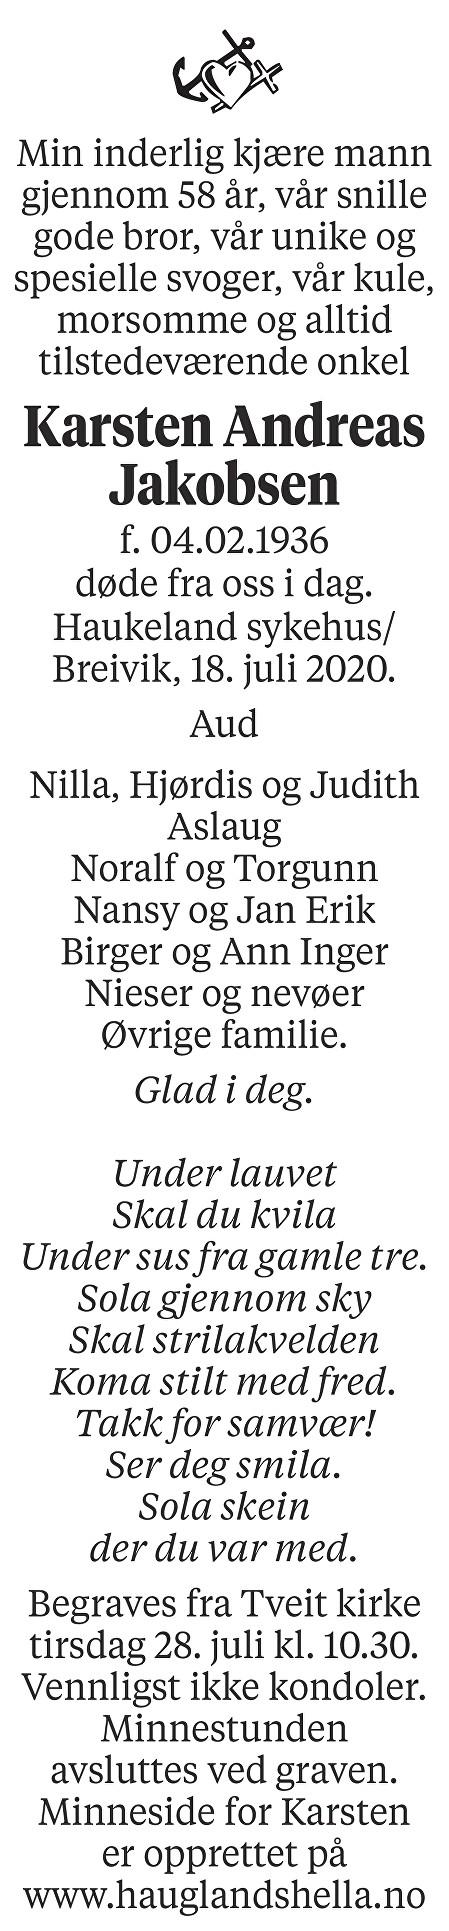 Karsten Andreas Jakobsen Dødsannonse